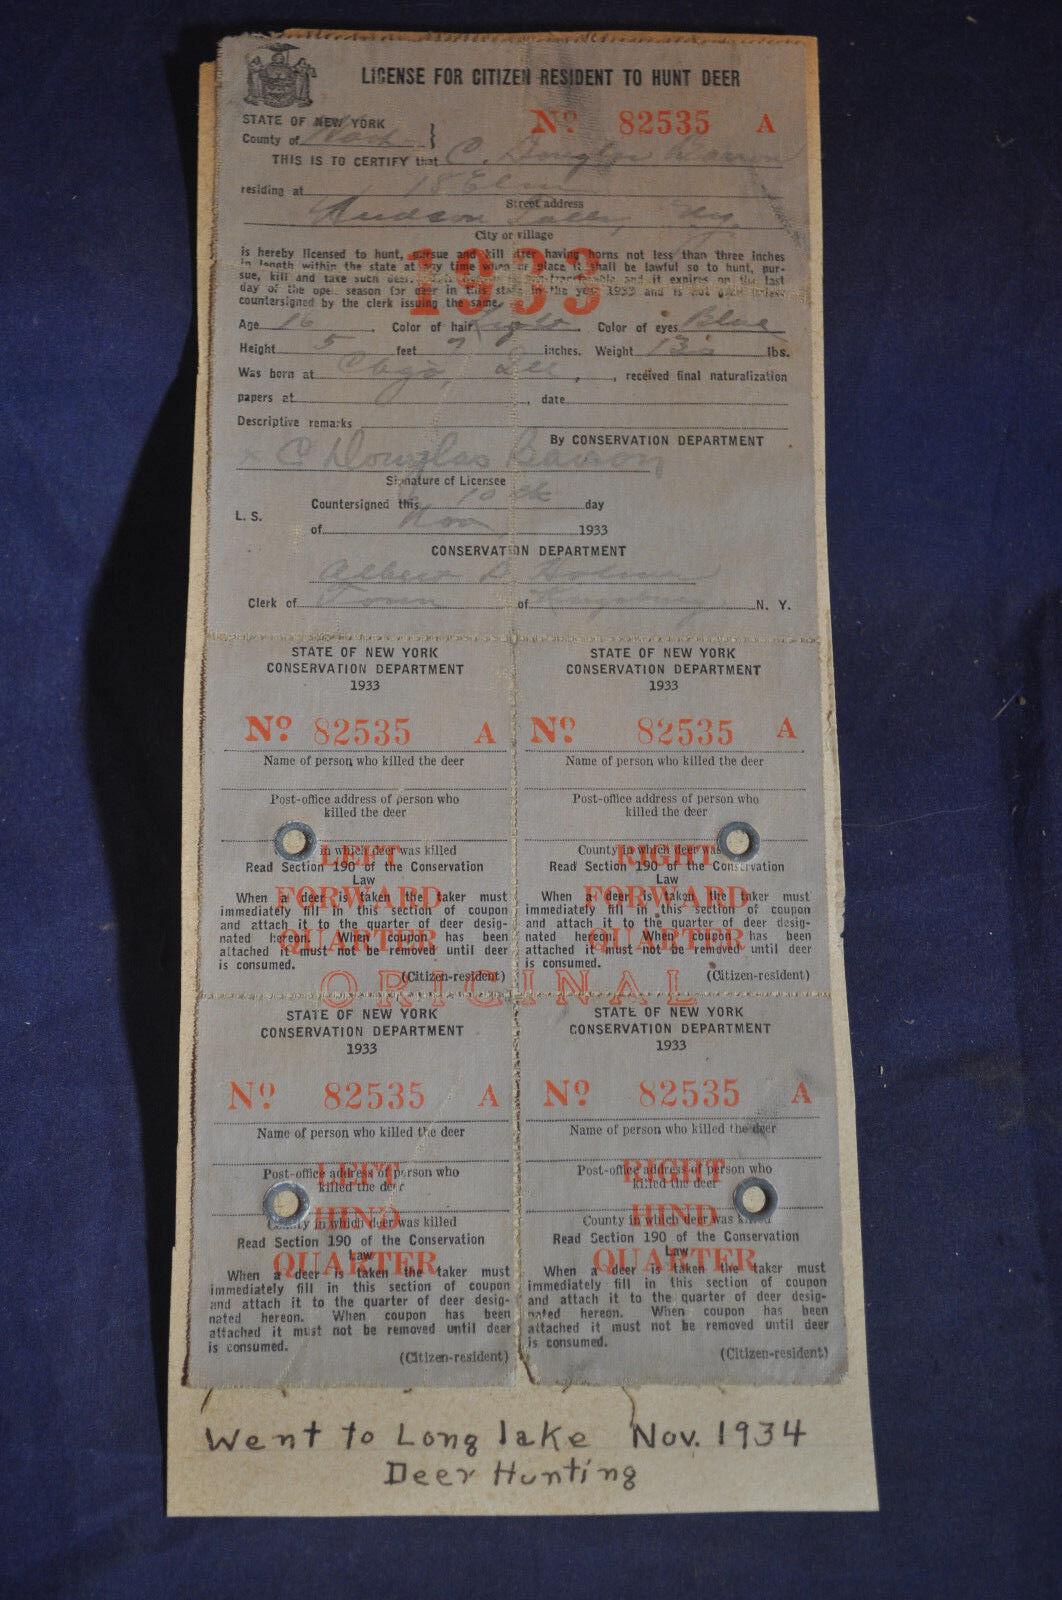 Nueva licencia de caza de ciervos York 1933  Larga Lago